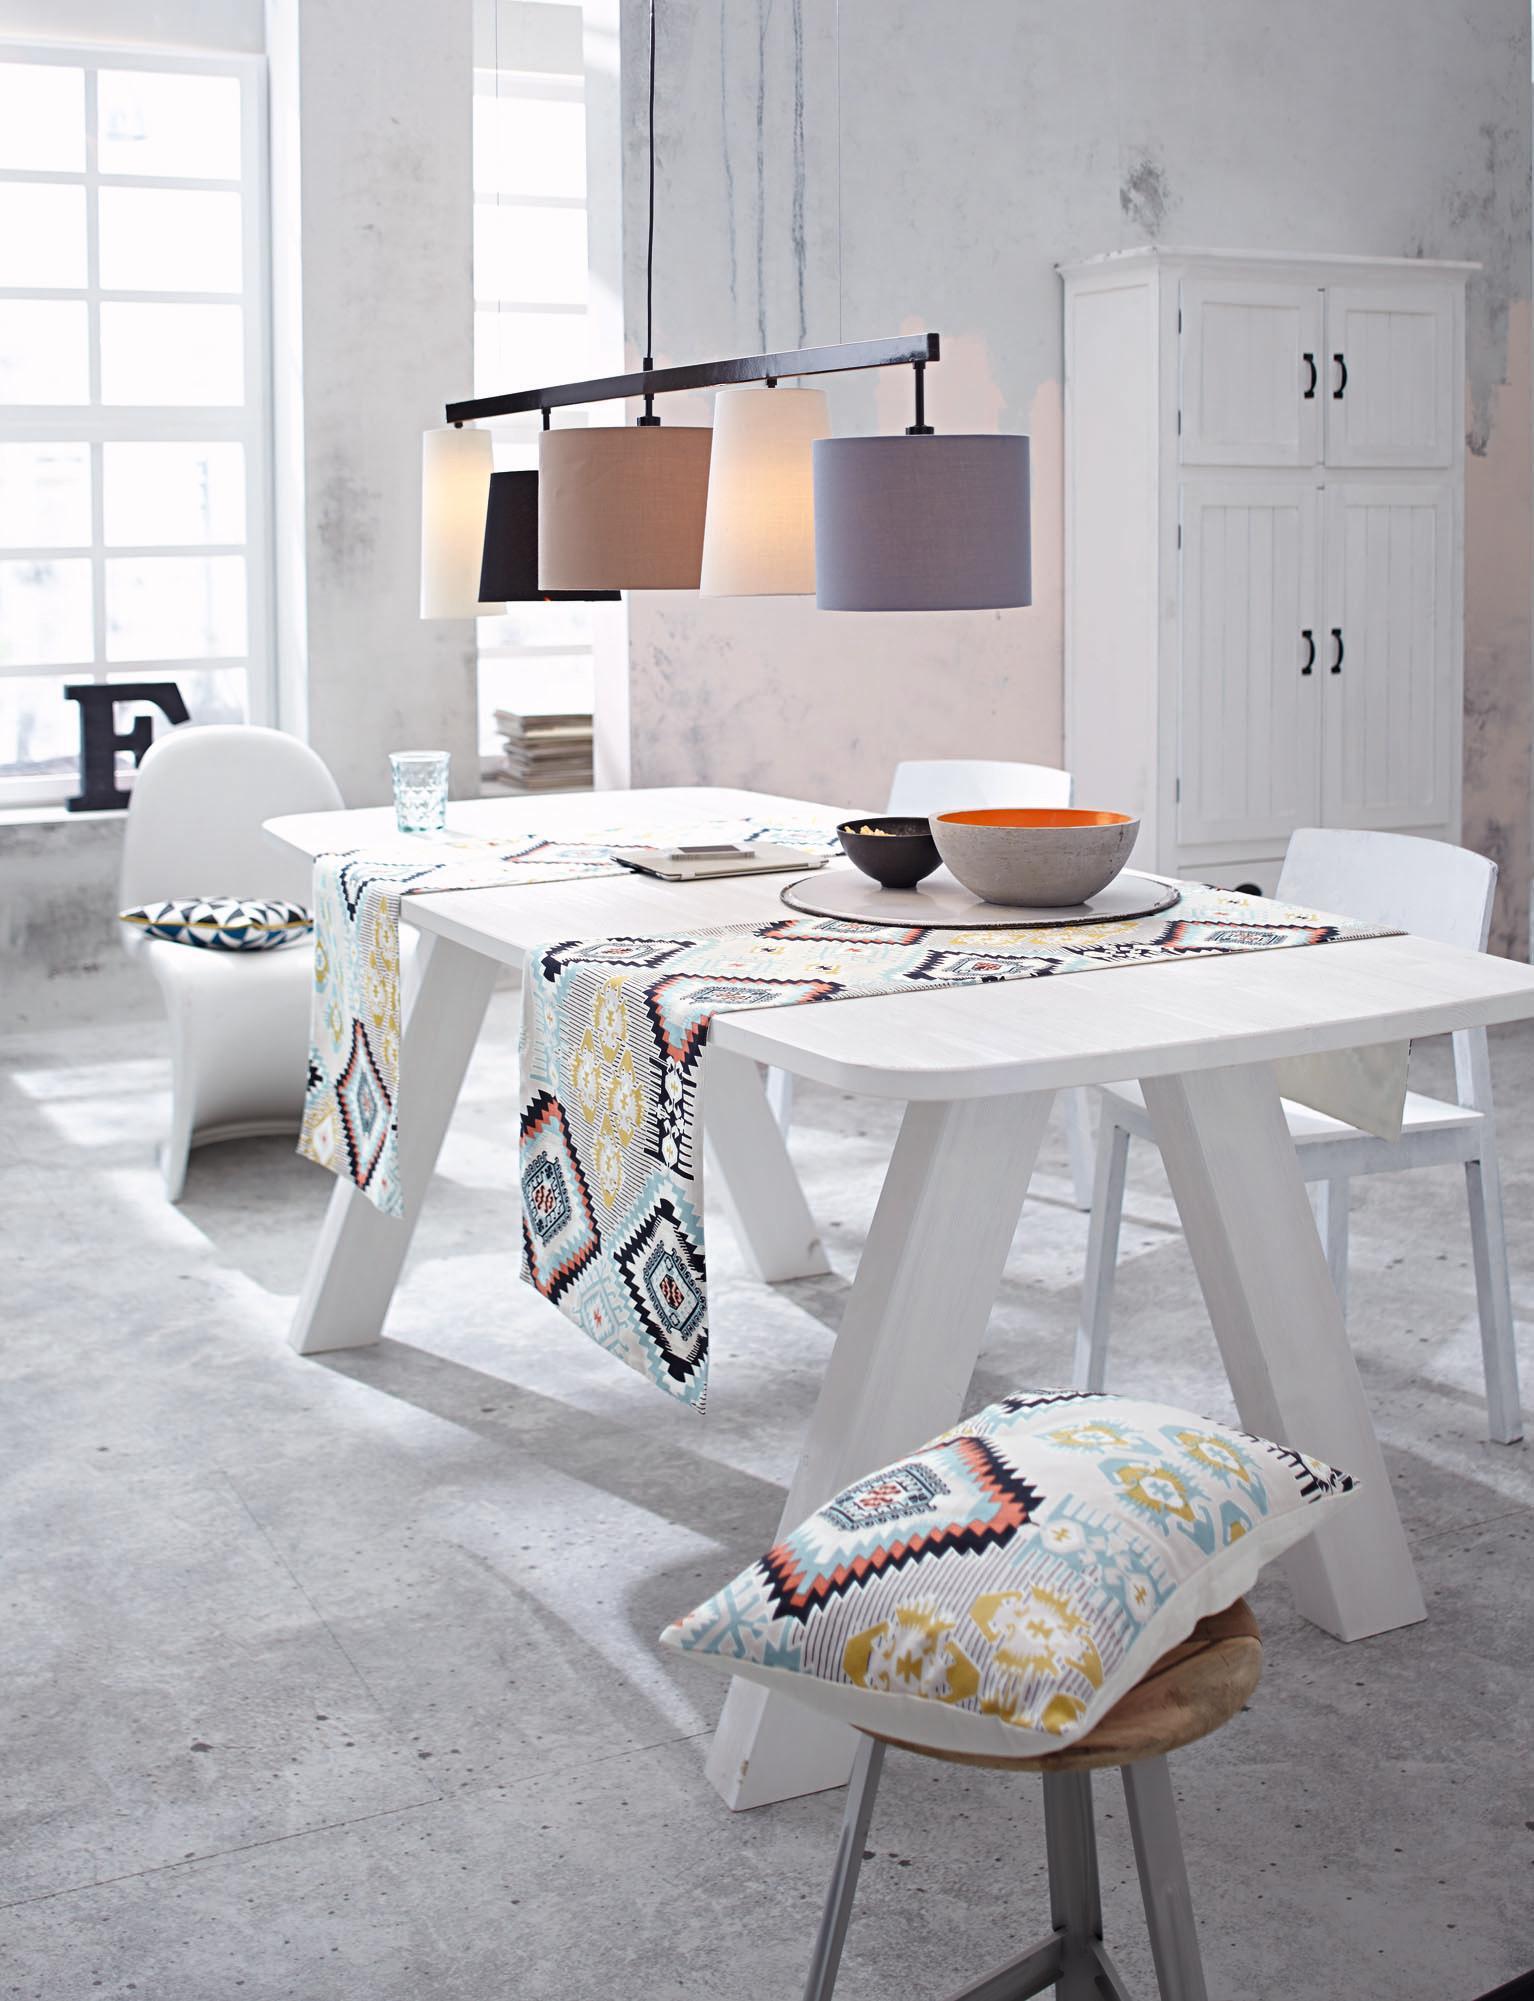 Finde Die Perfekte Lampe Fur Deinen Esstisch